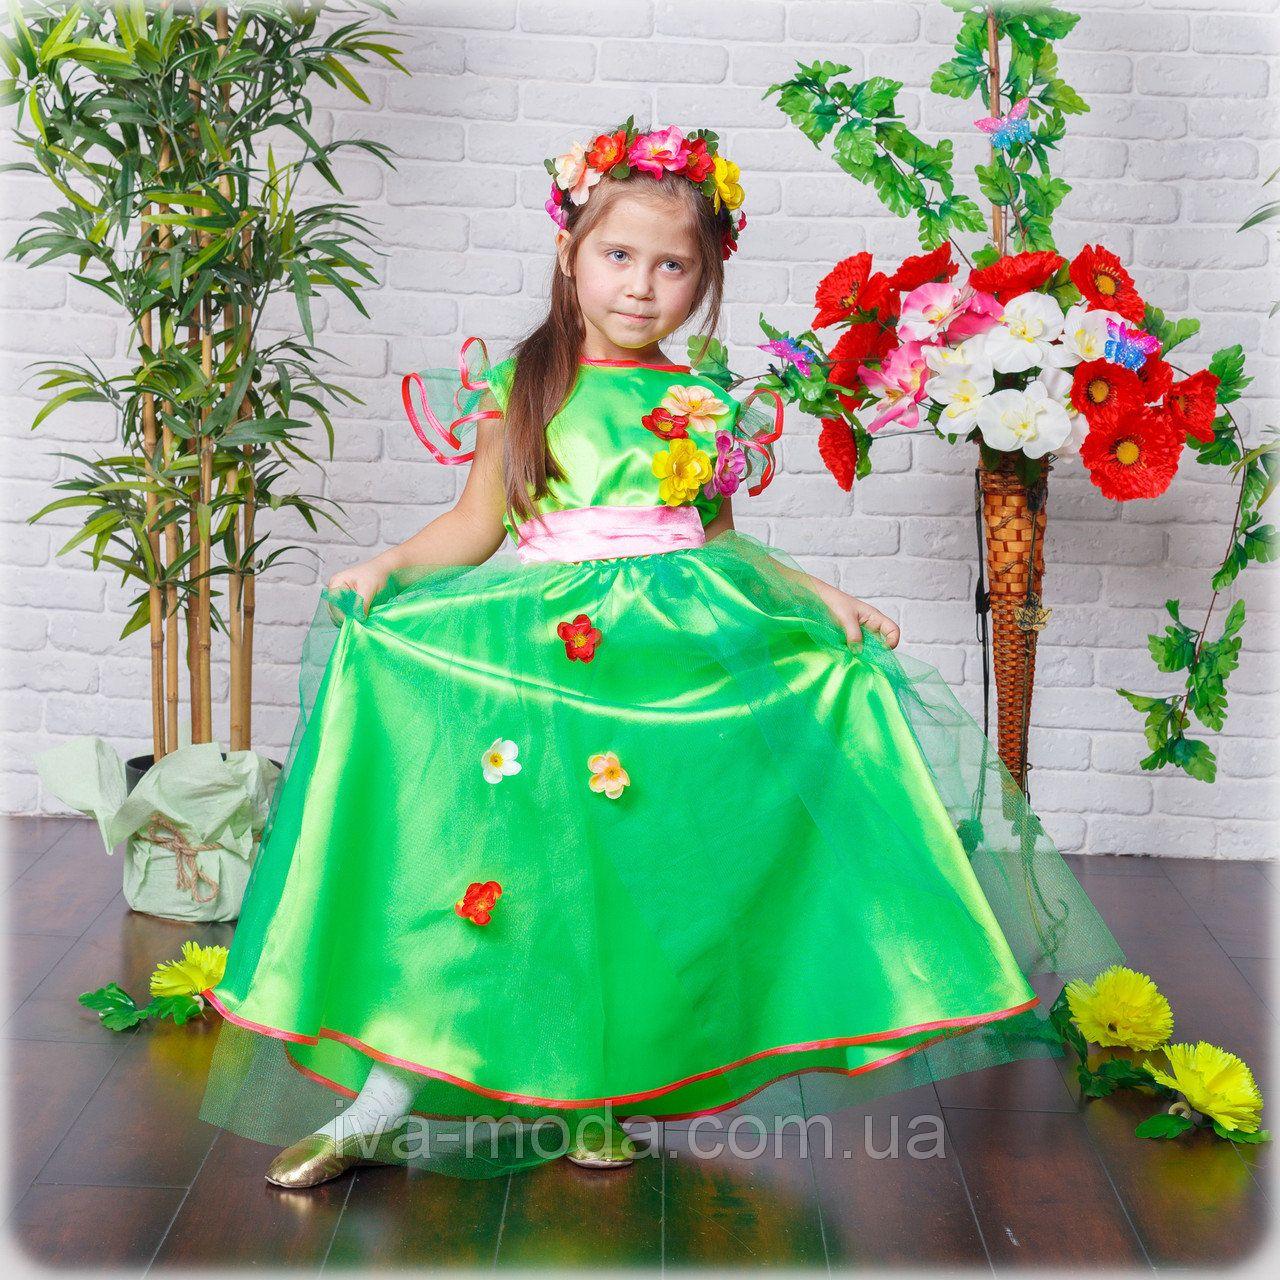 d659a8cea8de Детское сценическое платье Весны | Детские карнавальные костюмы тм ...